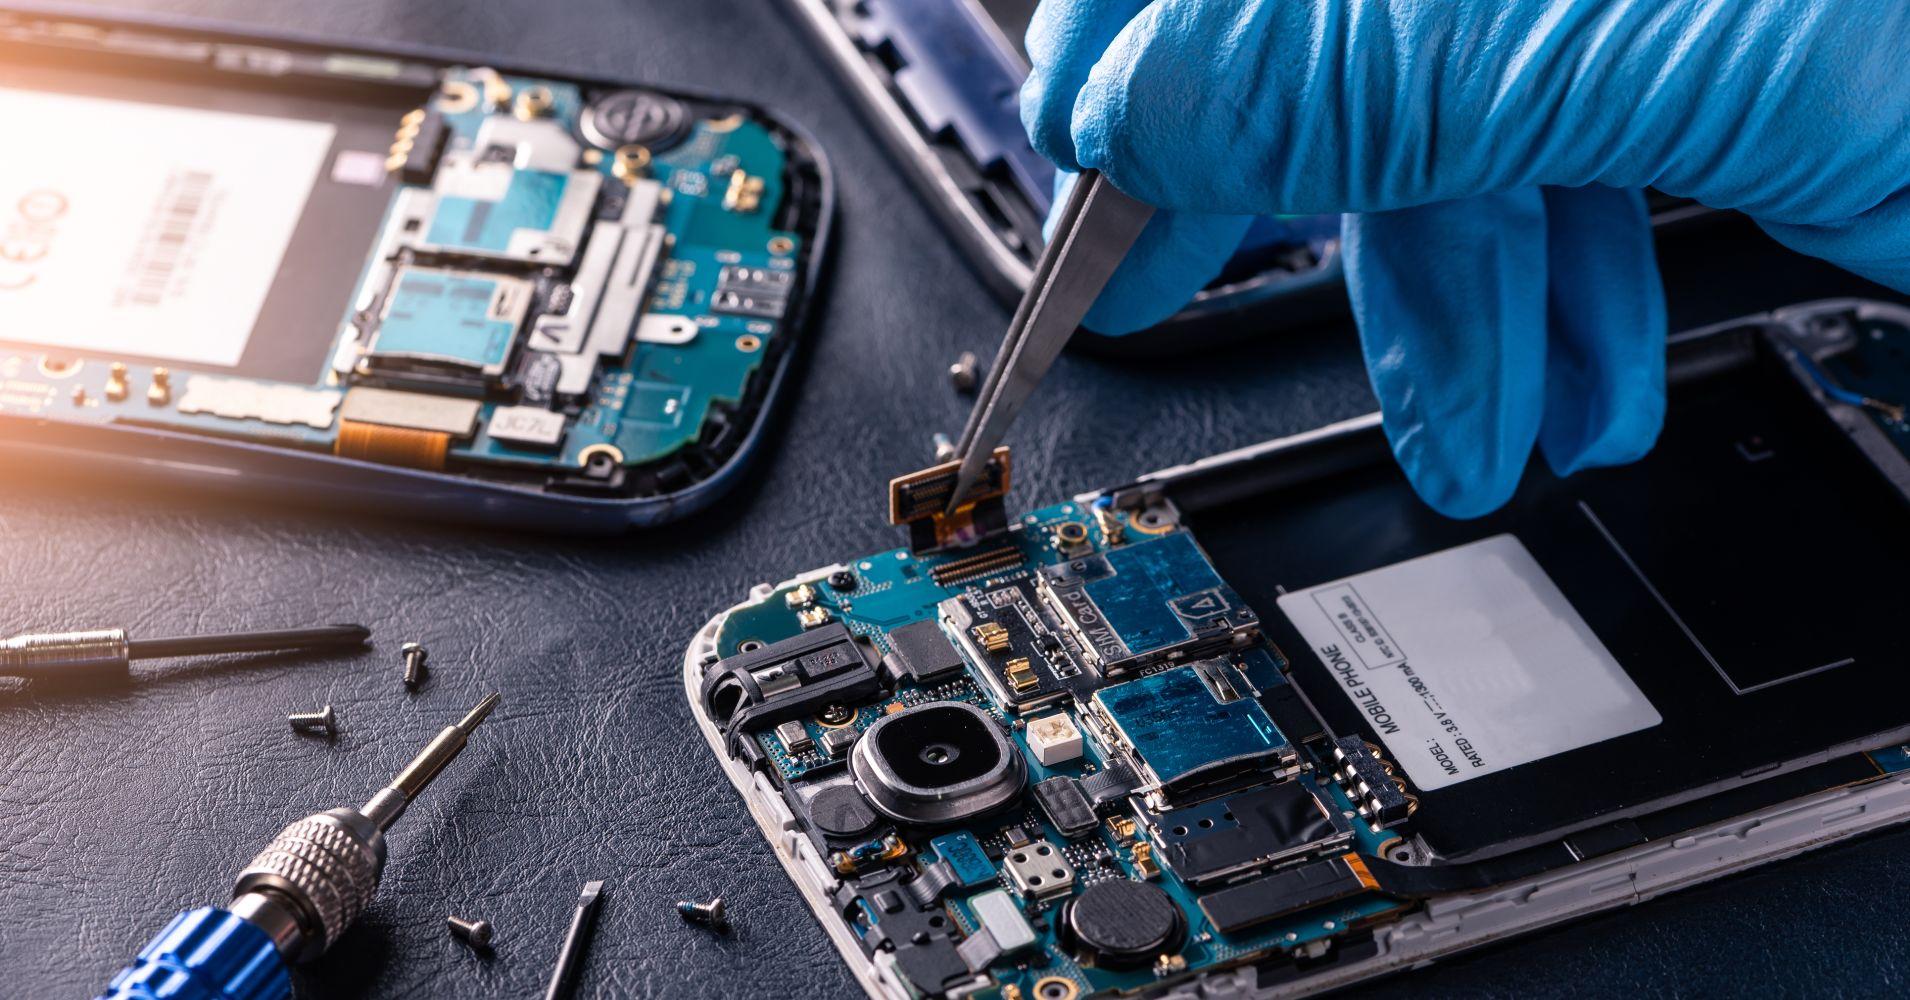 Процесс замены деталей на телефоне в процессе ремонта